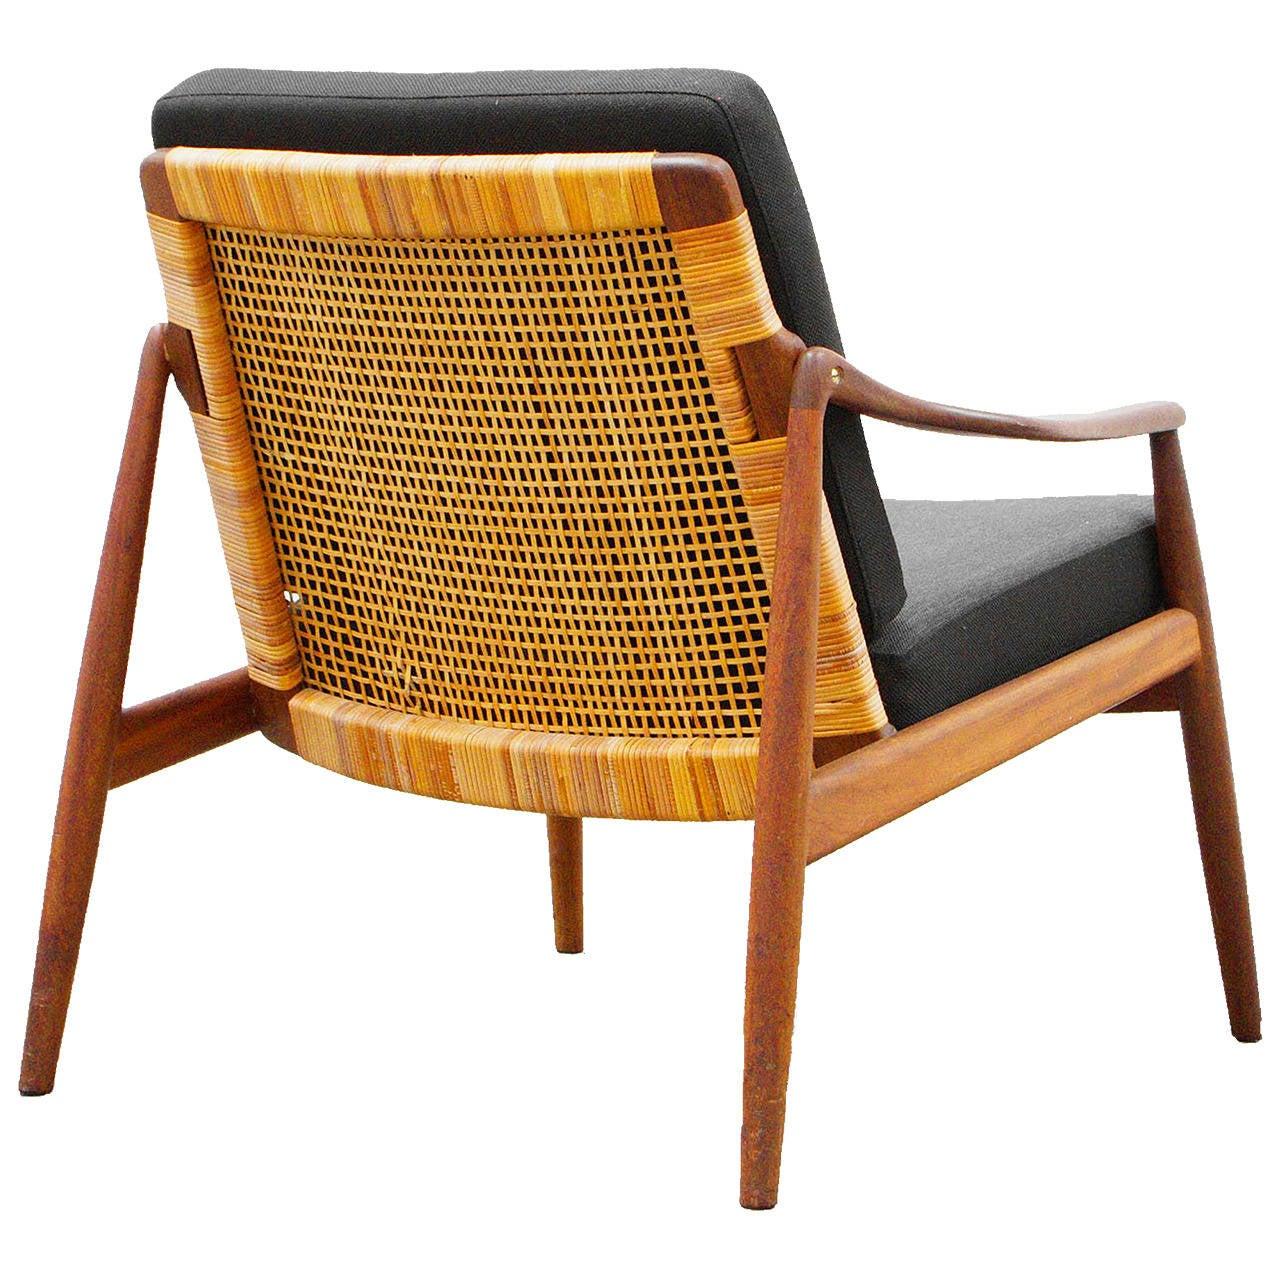 Easy Chair By Hartmut Lohmeyer For Wilkhahn Teak Mid 20th